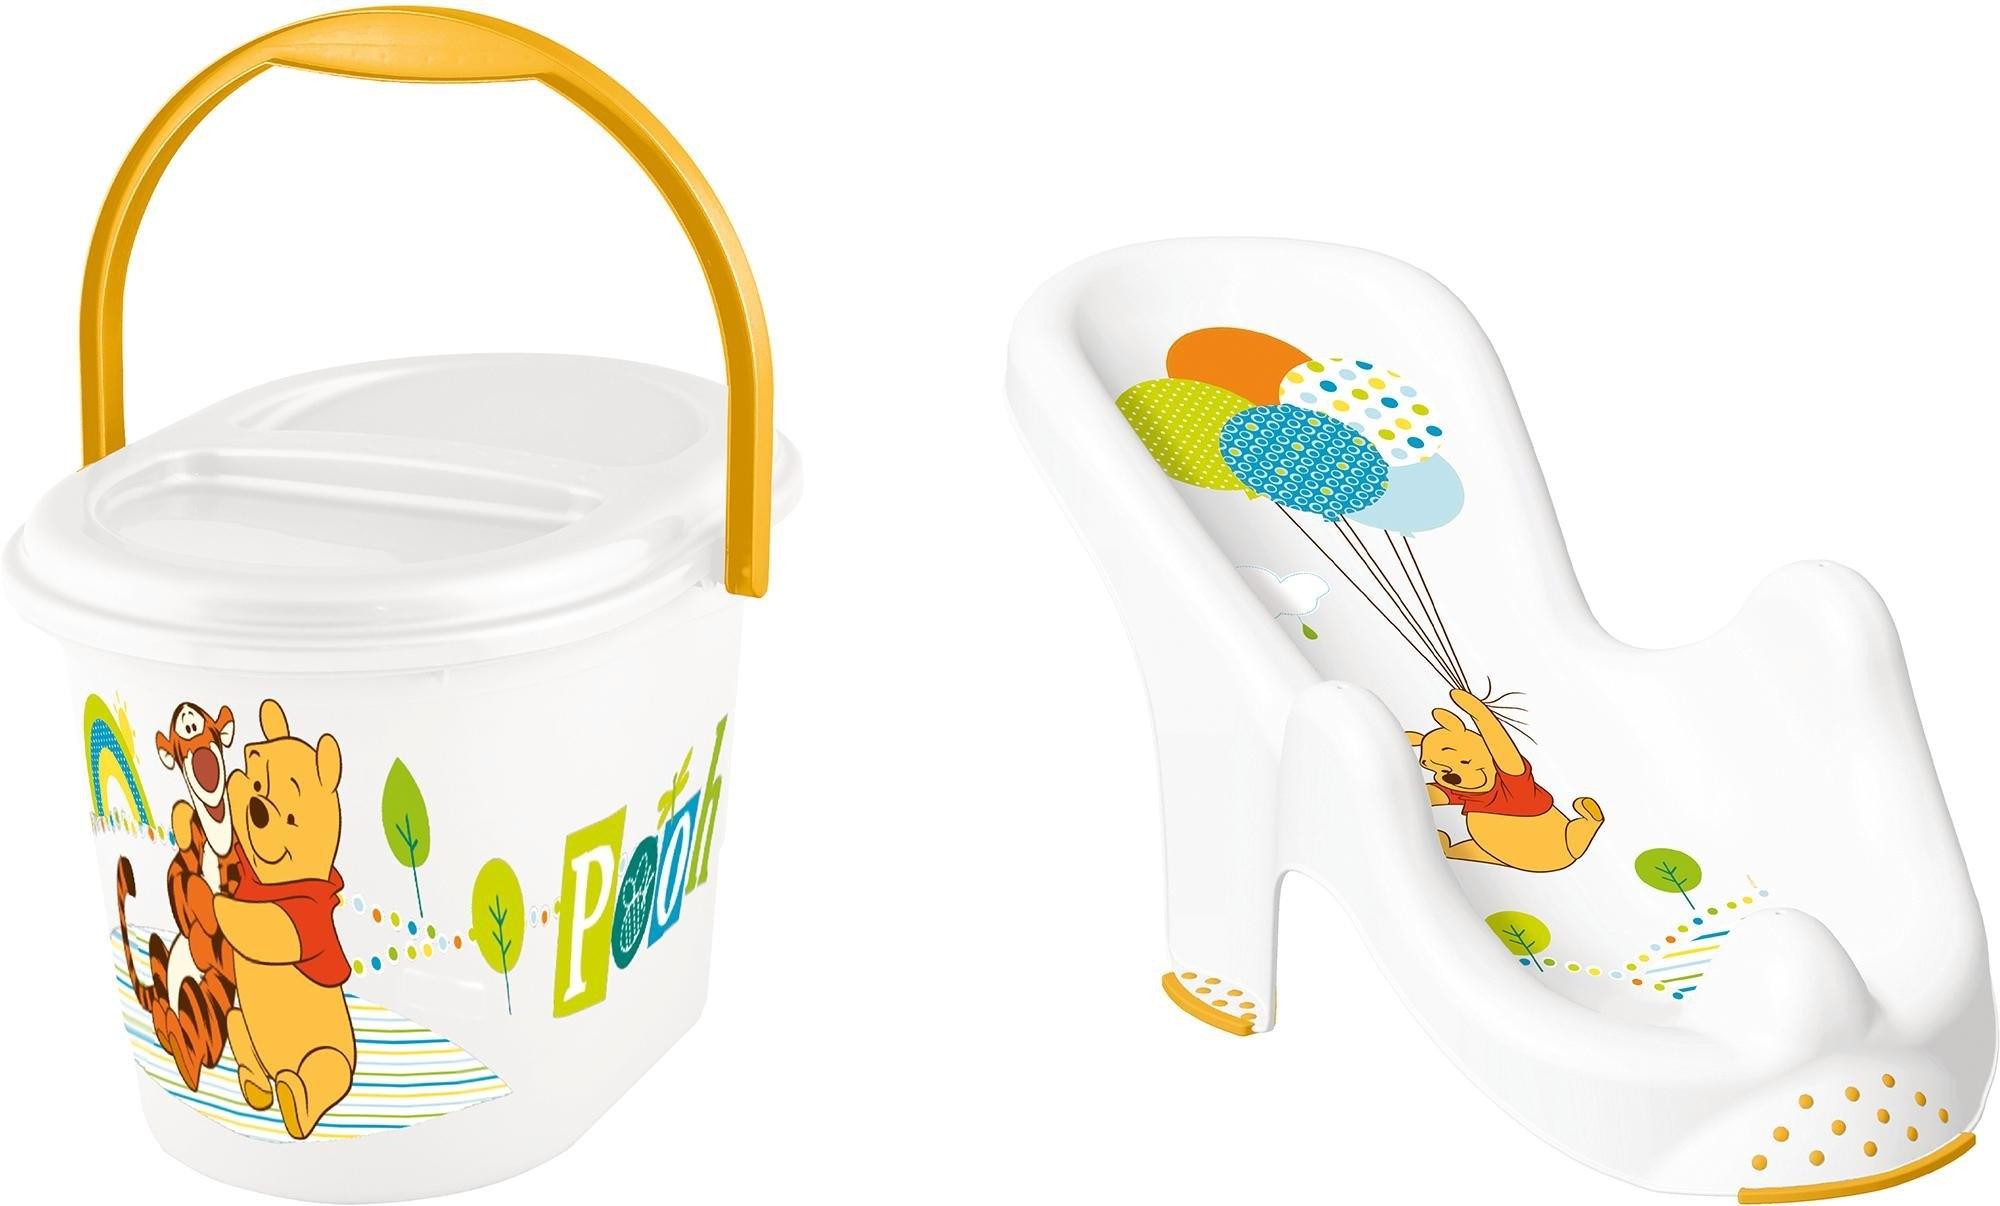 keeeper 2-delige verzorgingsset voor kinderen: badzitje en luieremmer, »Winnie the Pooh« bestellen: 30 dagen bedenktijd